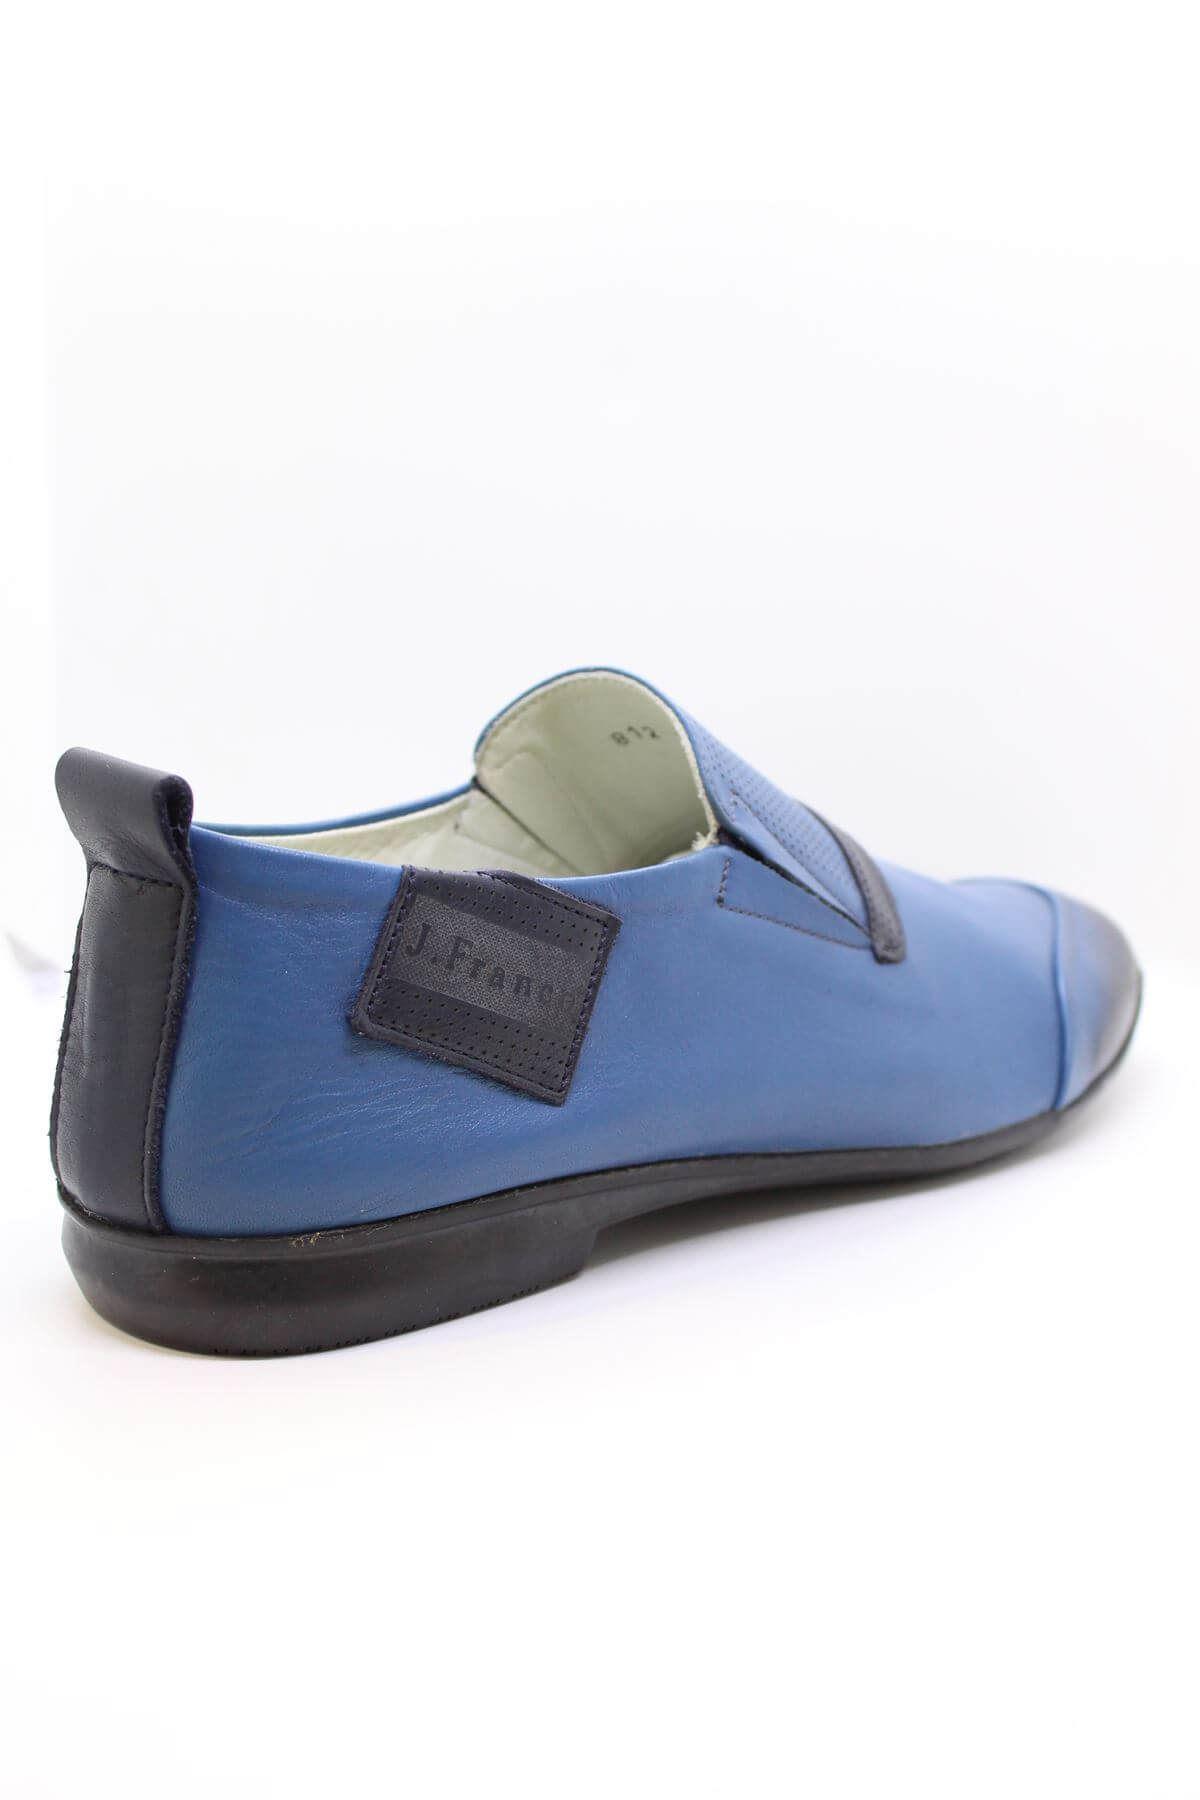 James Franco 812 Mavi Bağsız Erkek Hakiki Deri Casual Ayakkabı